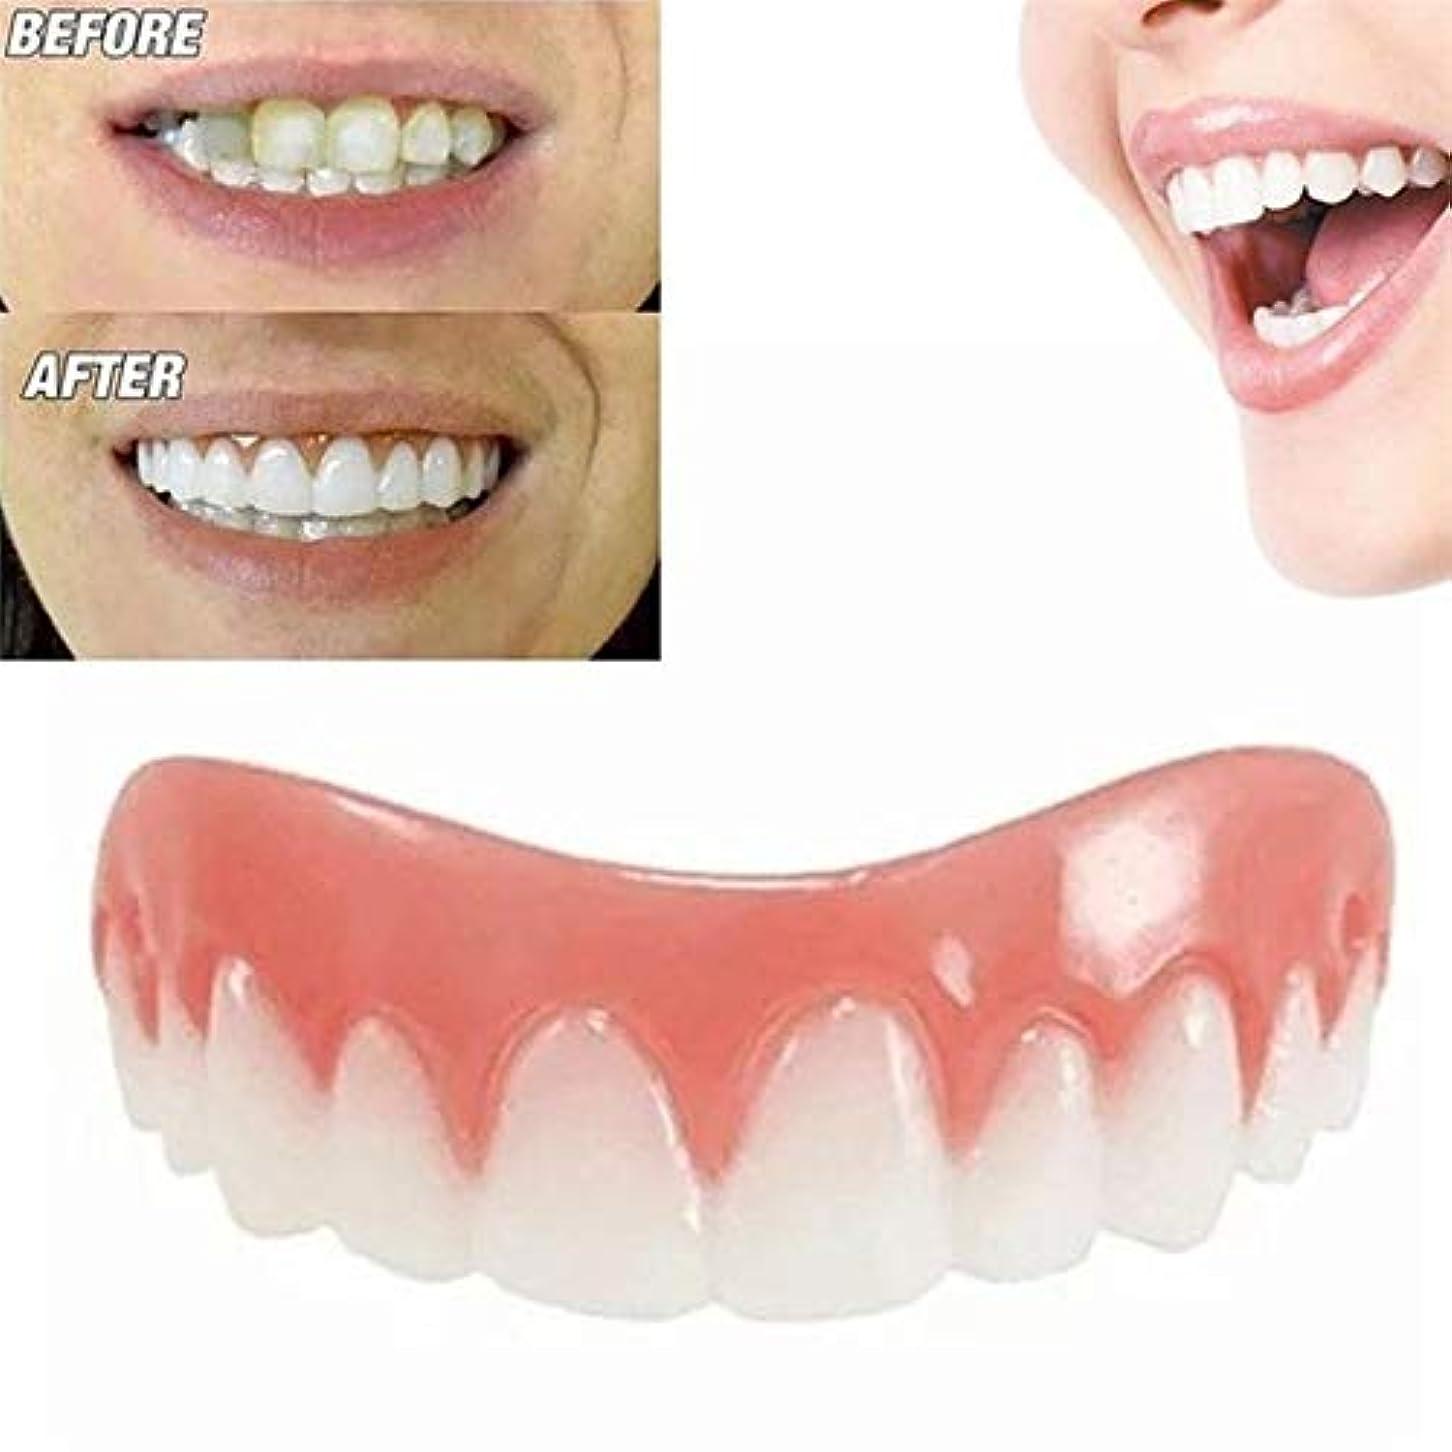 蒸気クアッガ組み合わせ30個完璧な笑顔のベニヤ偽の歯アッパー偽の歯のカバー悪い歯のための歯のためのあなたに与えます完璧な笑顔のベニヤ - ワンサイズフィット